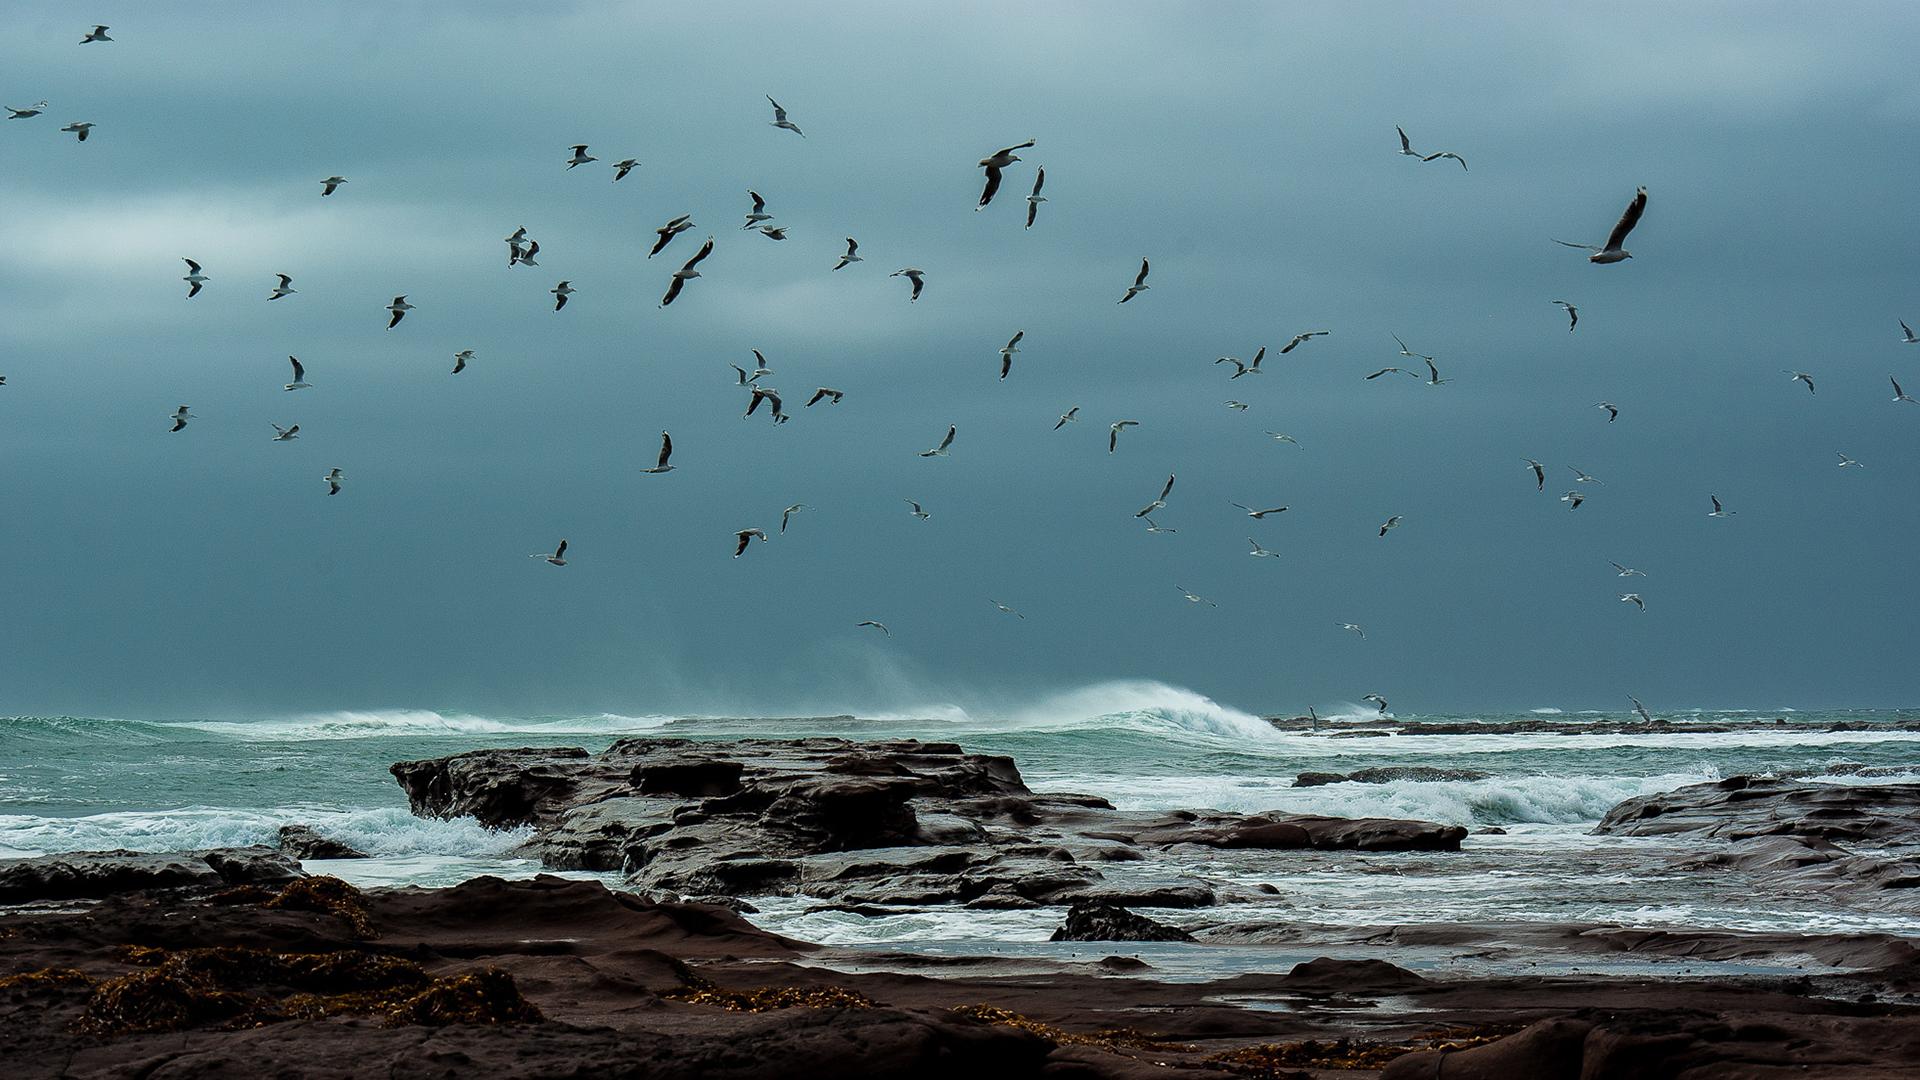 Wallpaper 1920x1080 Px Beaches Flight Fly Gulls